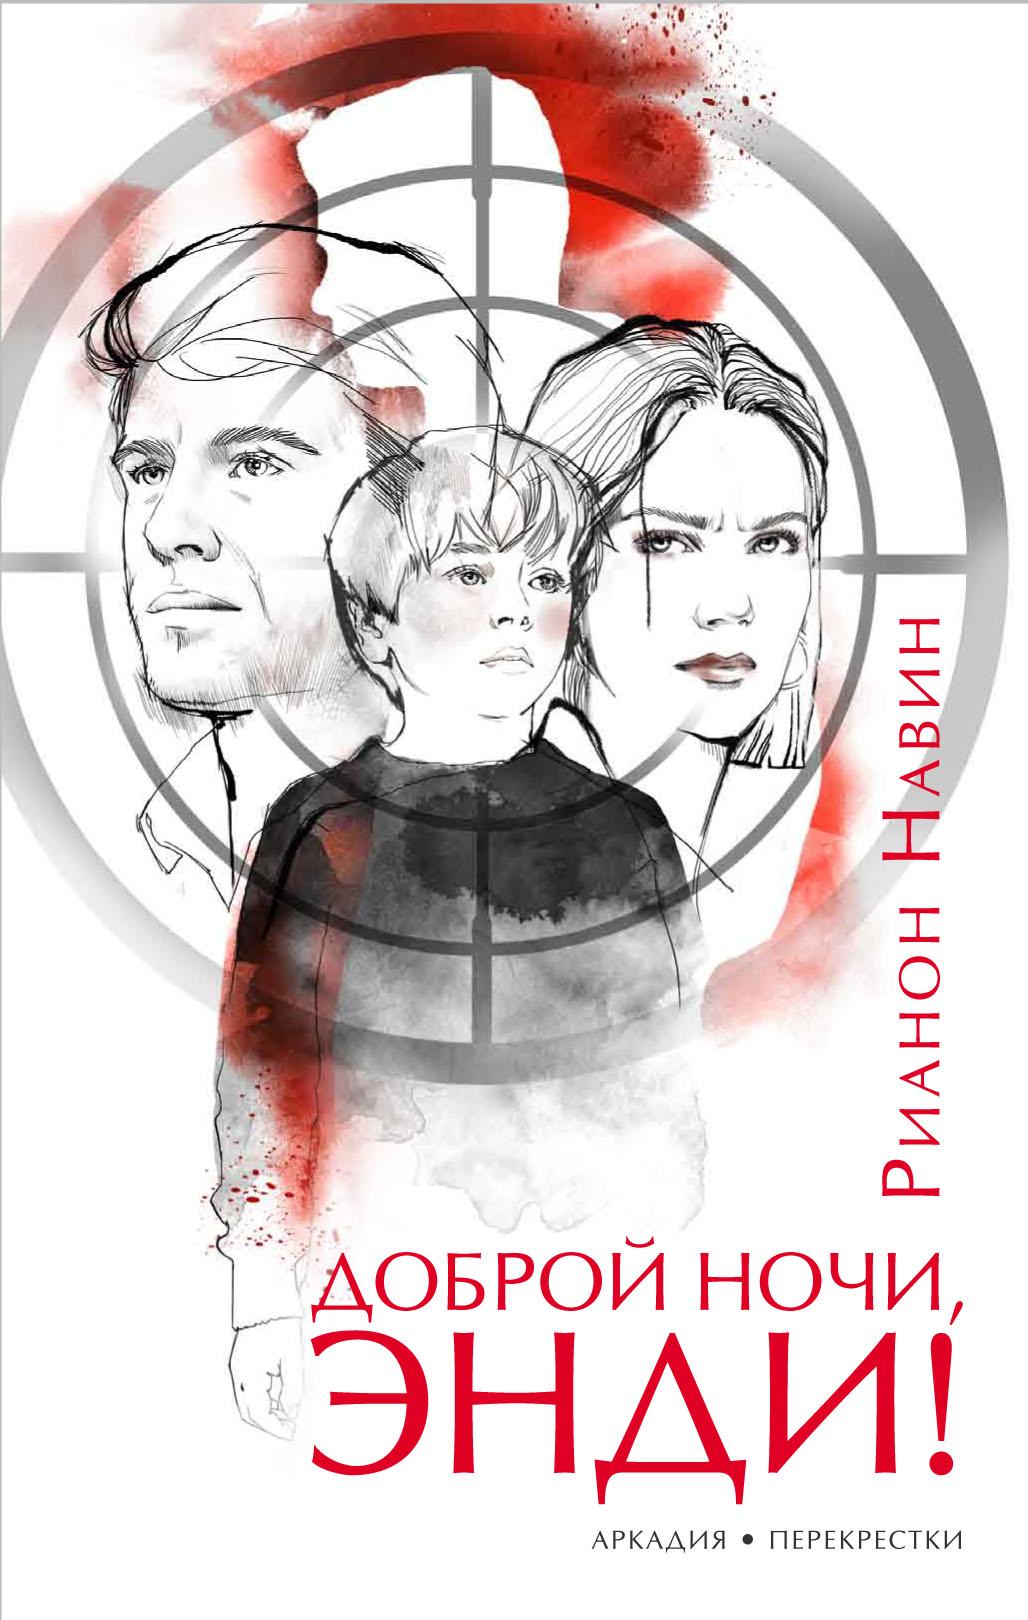 Russia // Arkadia, 2019